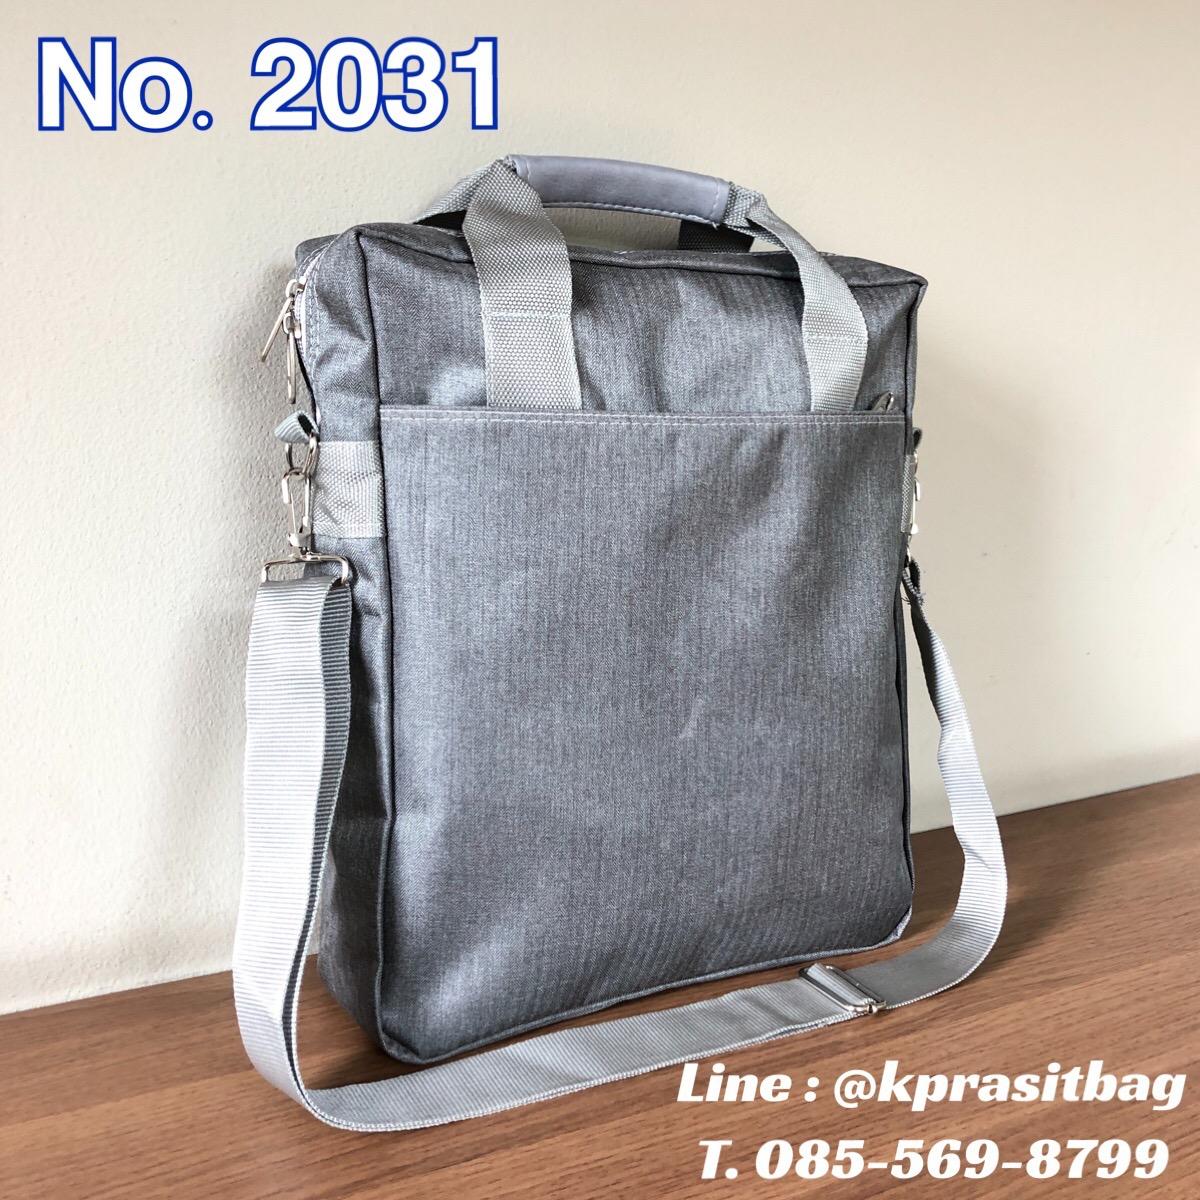 กระเป๋าสะพายข้าง SH 2031